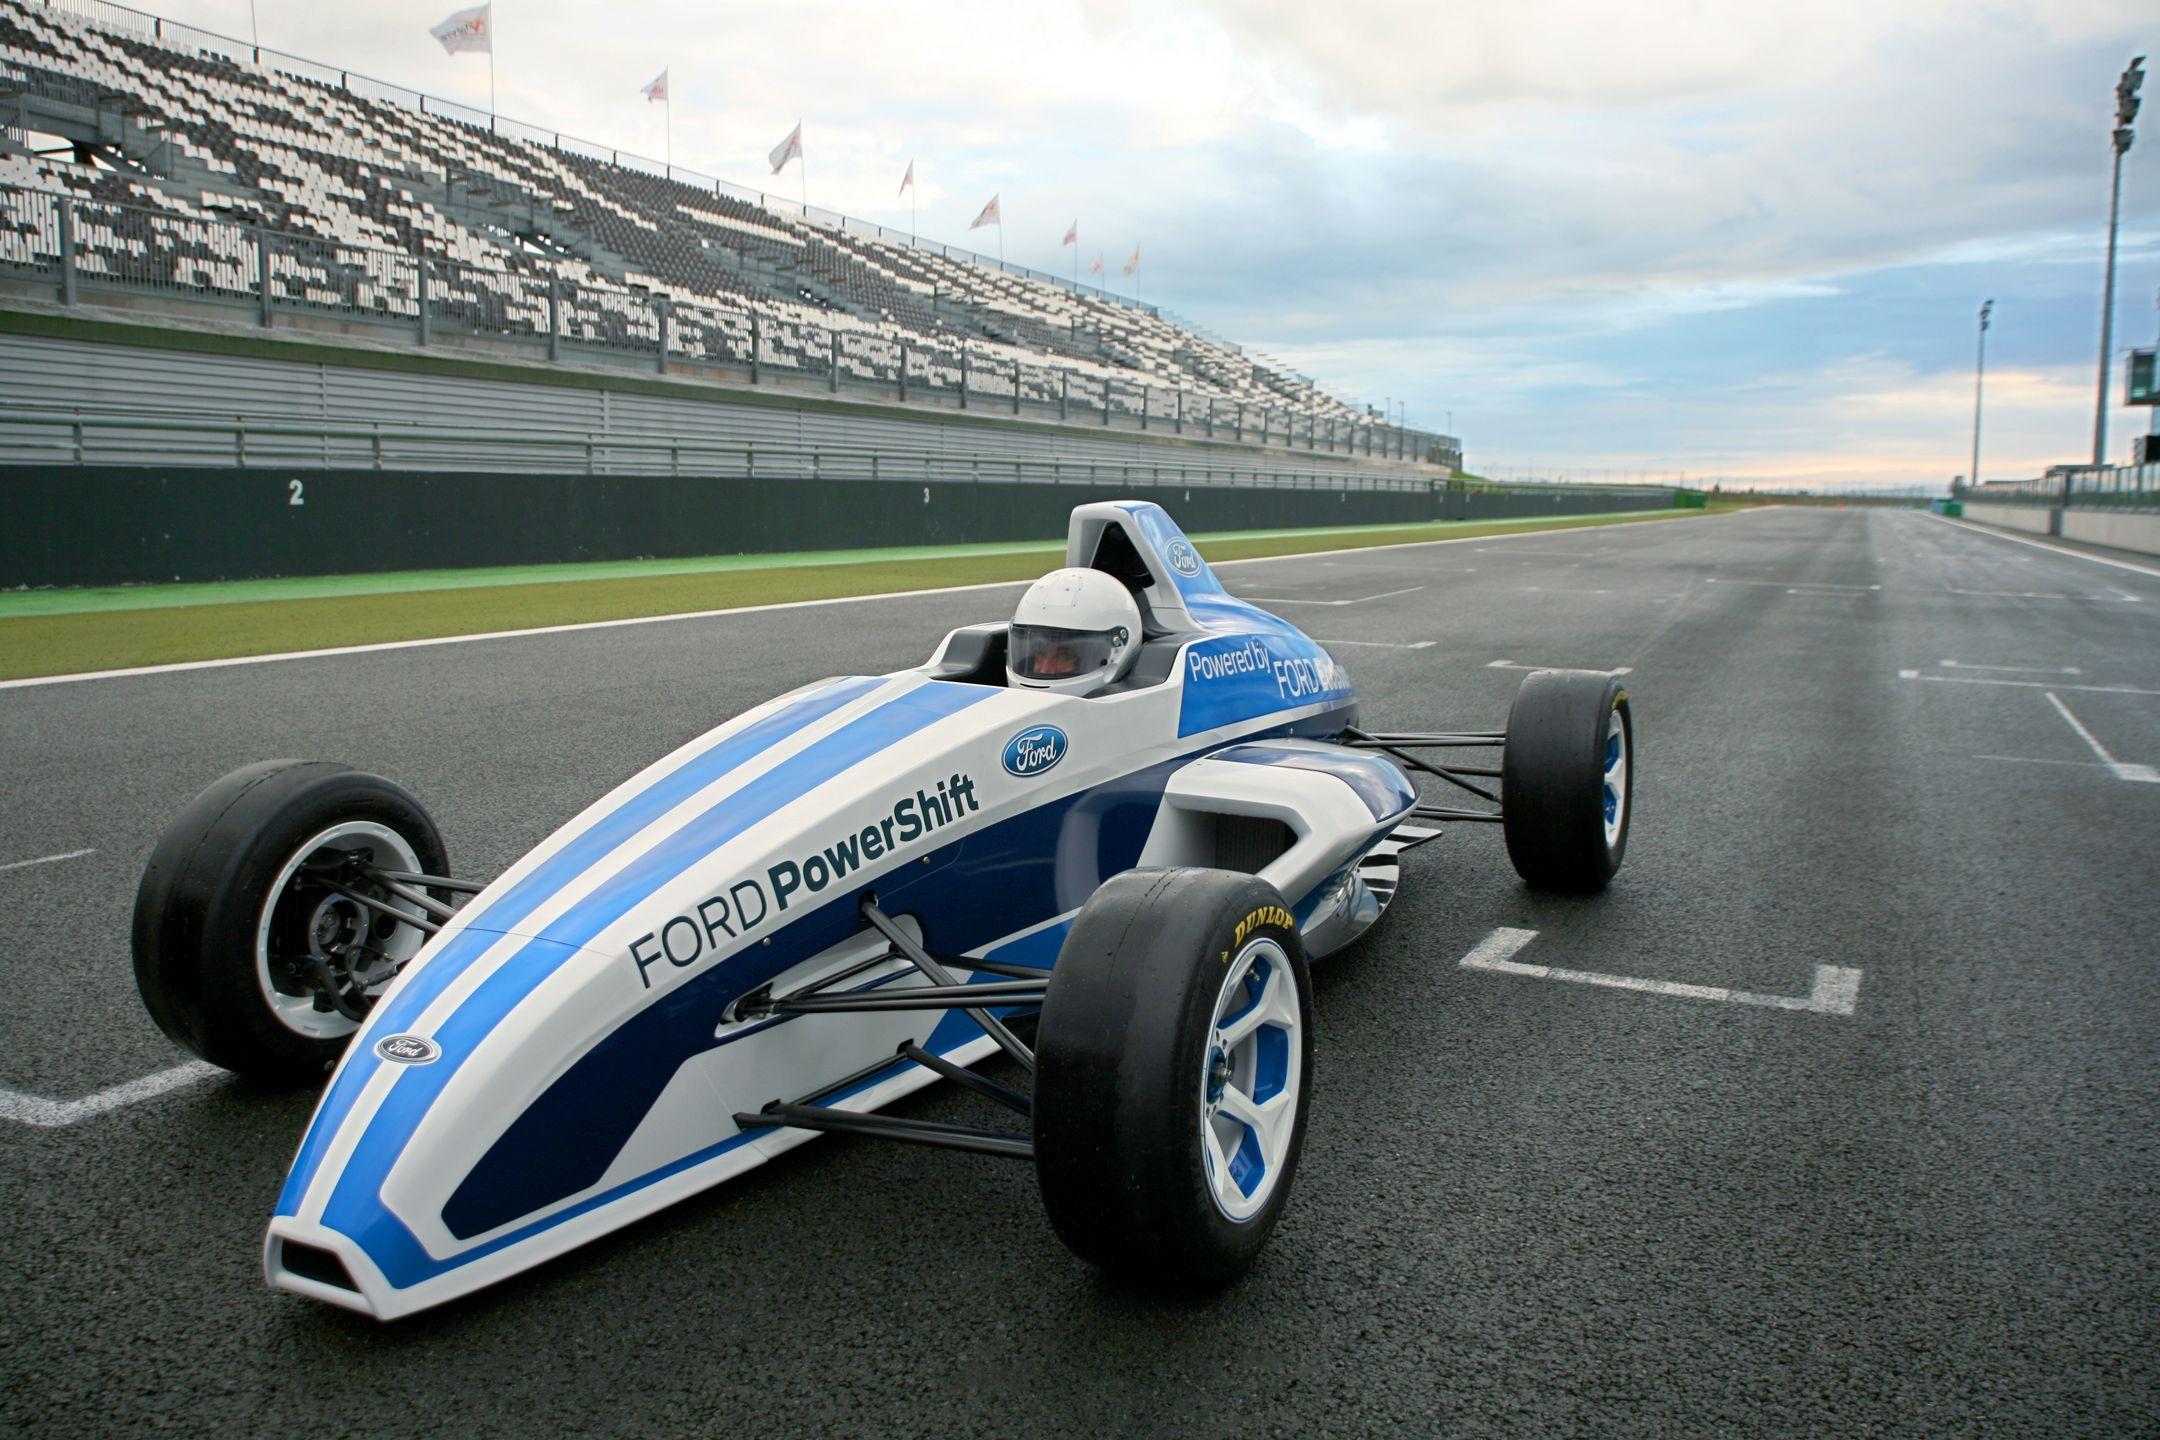 formula ford racing Recherche Google race car Pinterest